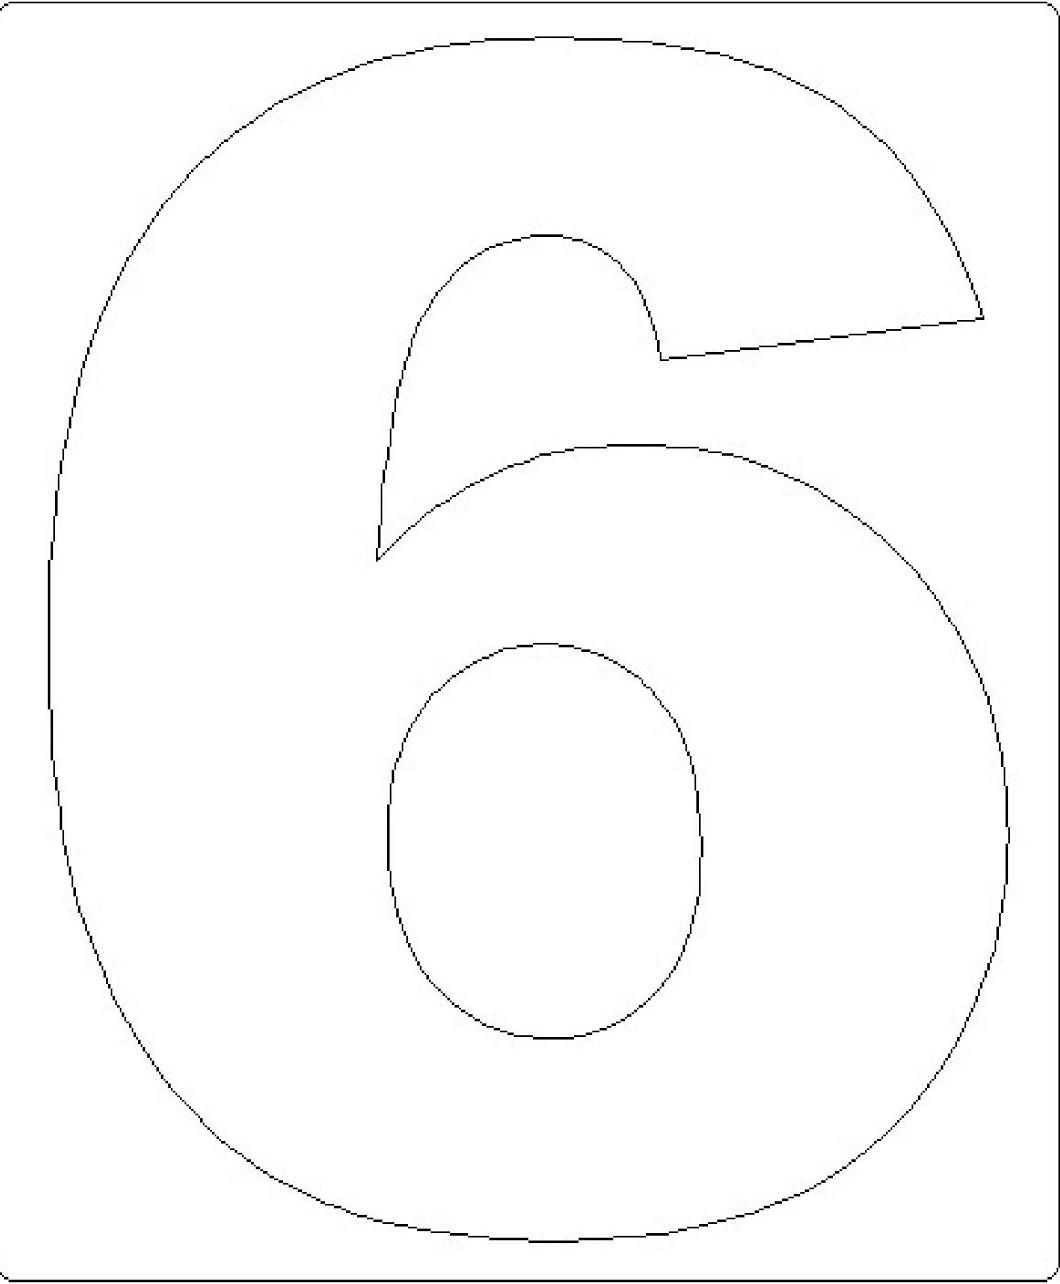 8 Cosas Que Puedes Hacer Con Goma Eva furthermore Moldes De Letras Do Alfabeto Em Eva Para Imprimir Para Mural furthermore Numeros De Cumpleanos Para Imprimir together with Moldes De Numeros Em Eva Para Imprimir De Diferentes Tamanhos moreover Boink Let. on moldes de letras para recortar